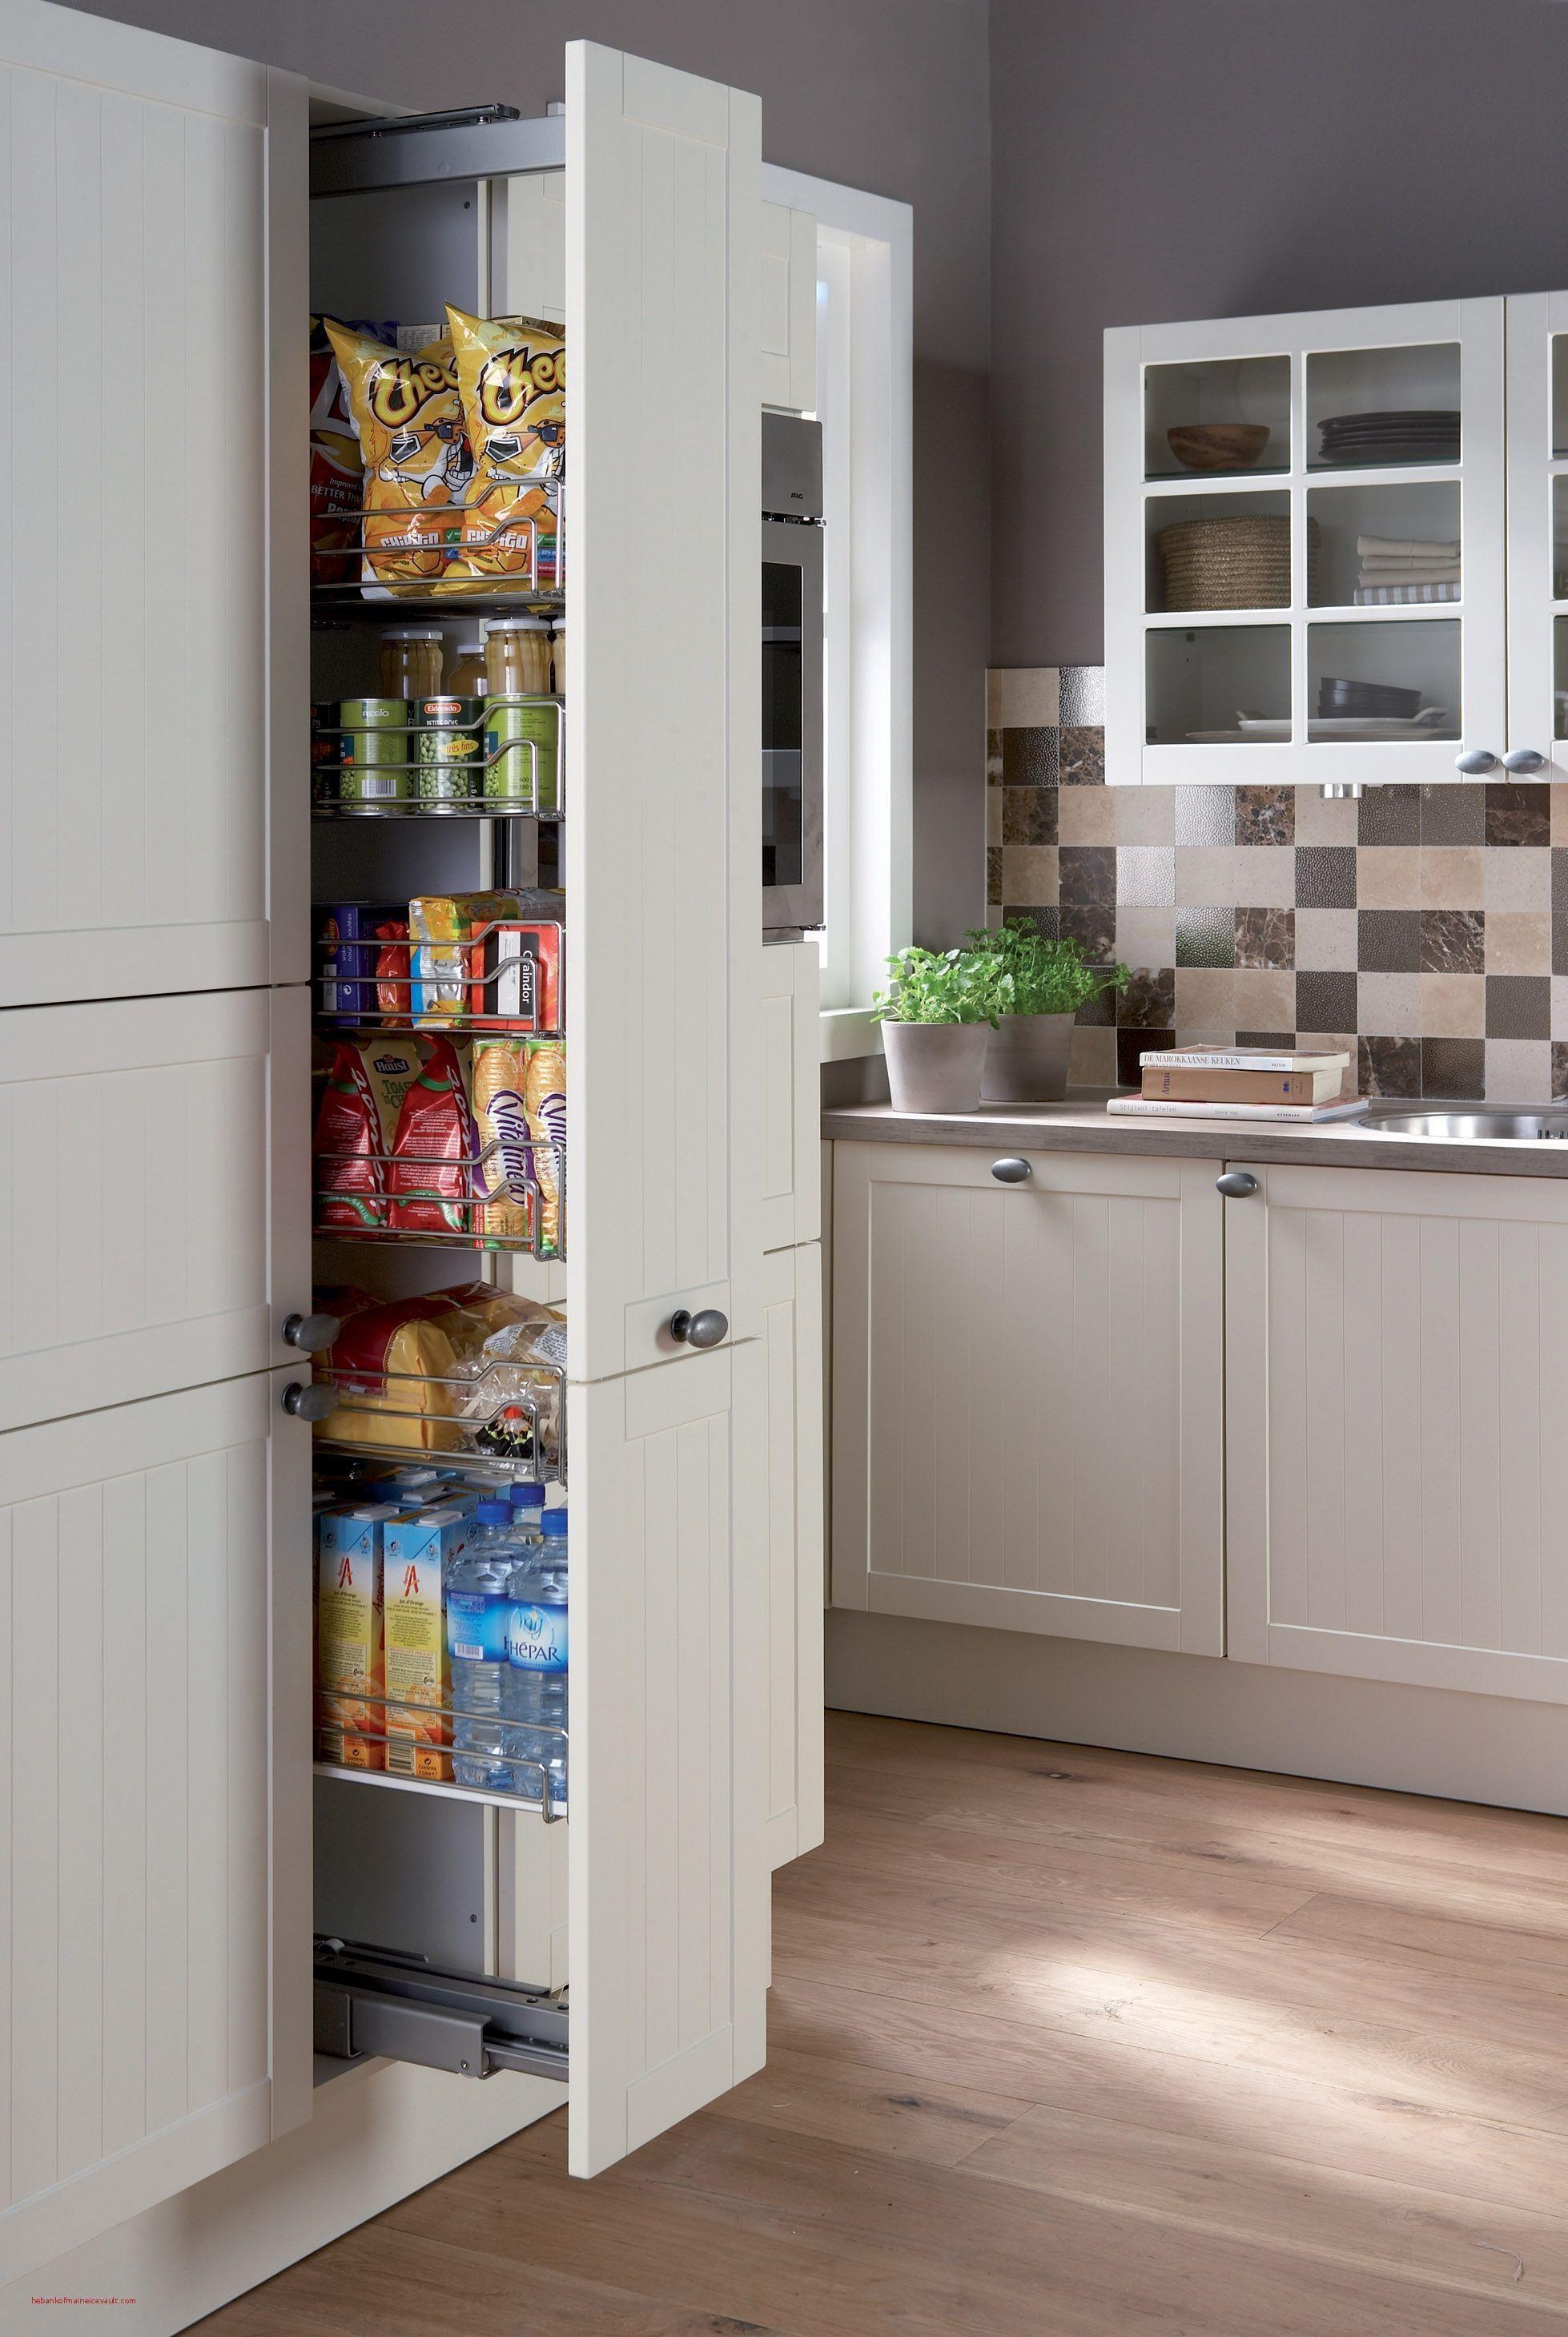 Apotheekkast Keuken Ikea L6s Van Design Keukens En De Apothekerskast